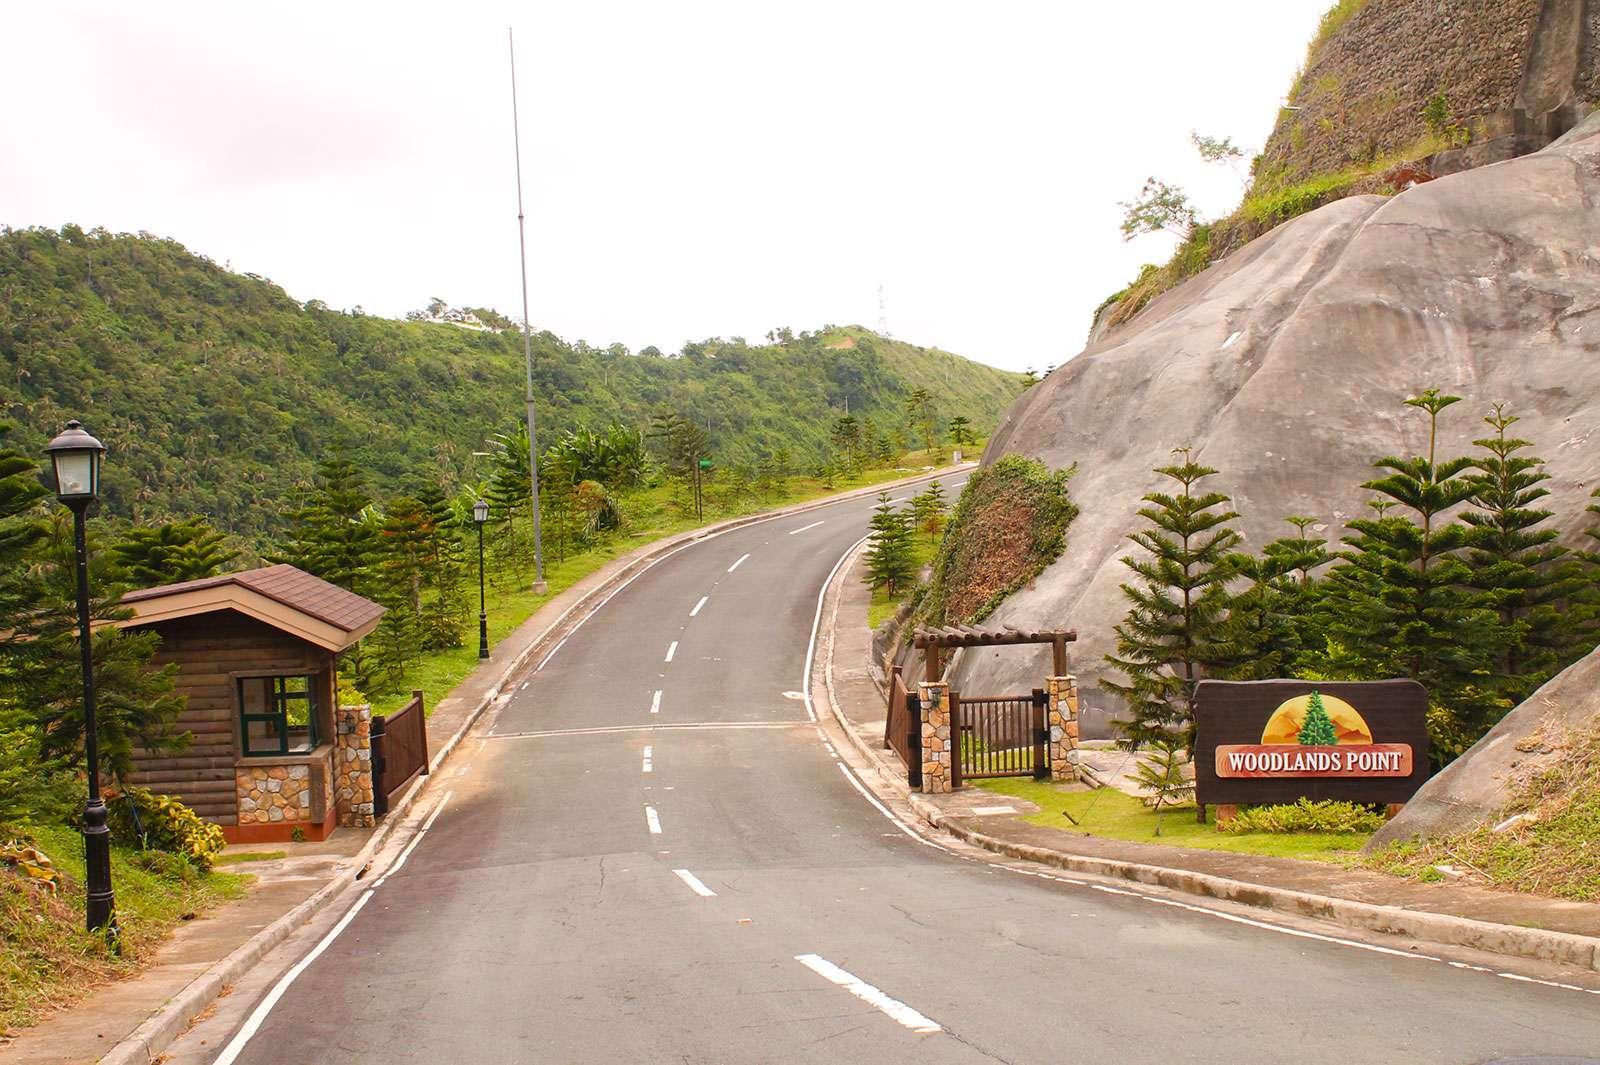 Woodlands Point Entrance